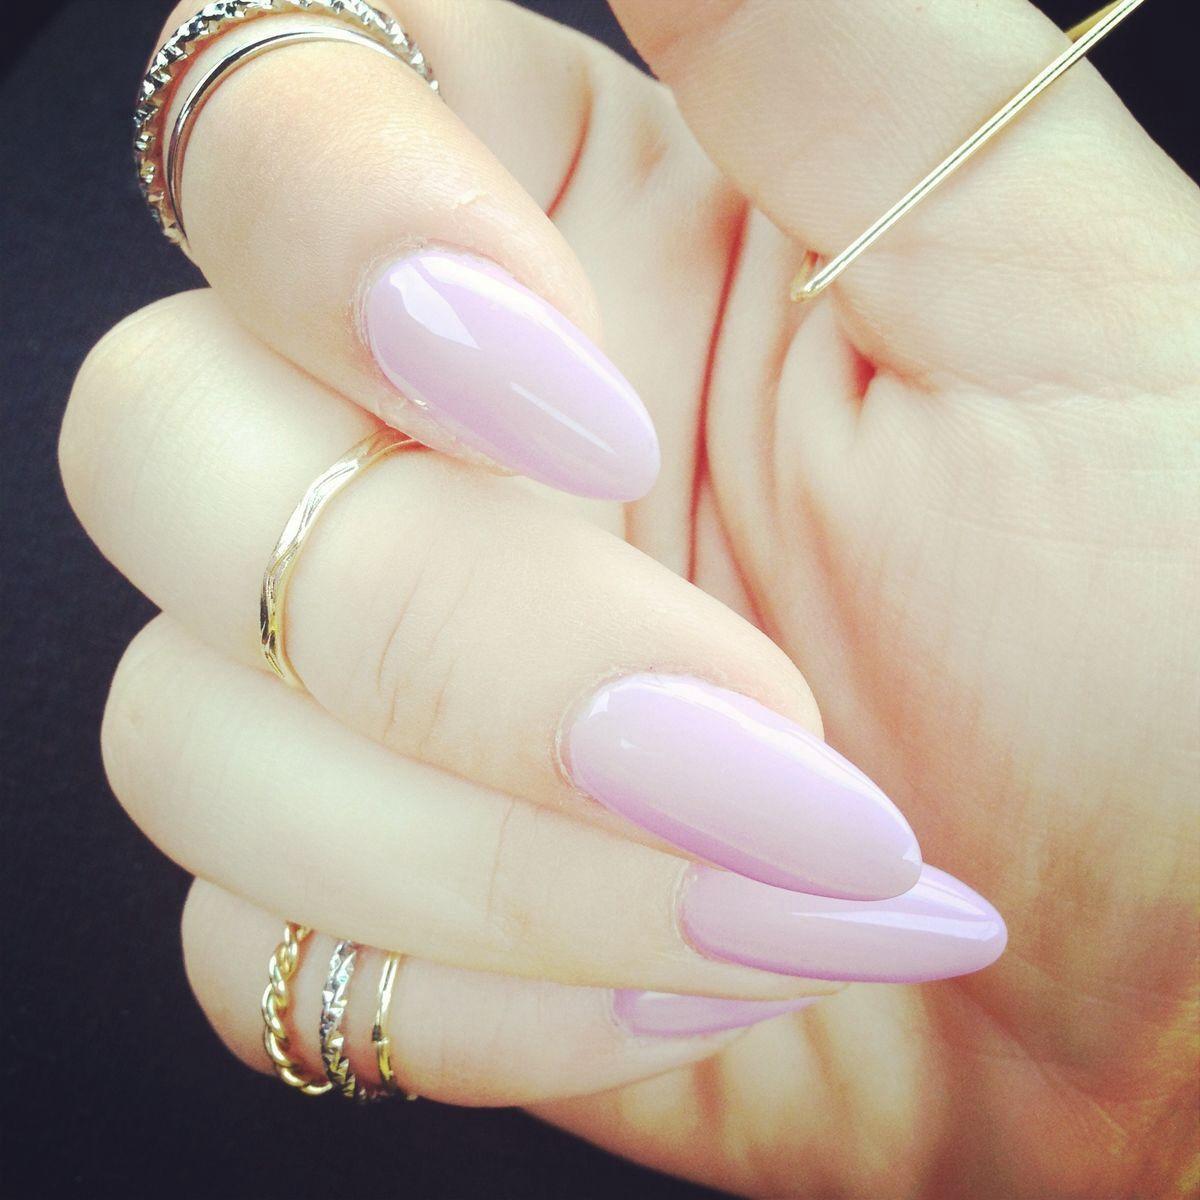 Pale purple gel nails | NAILS | Pinterest